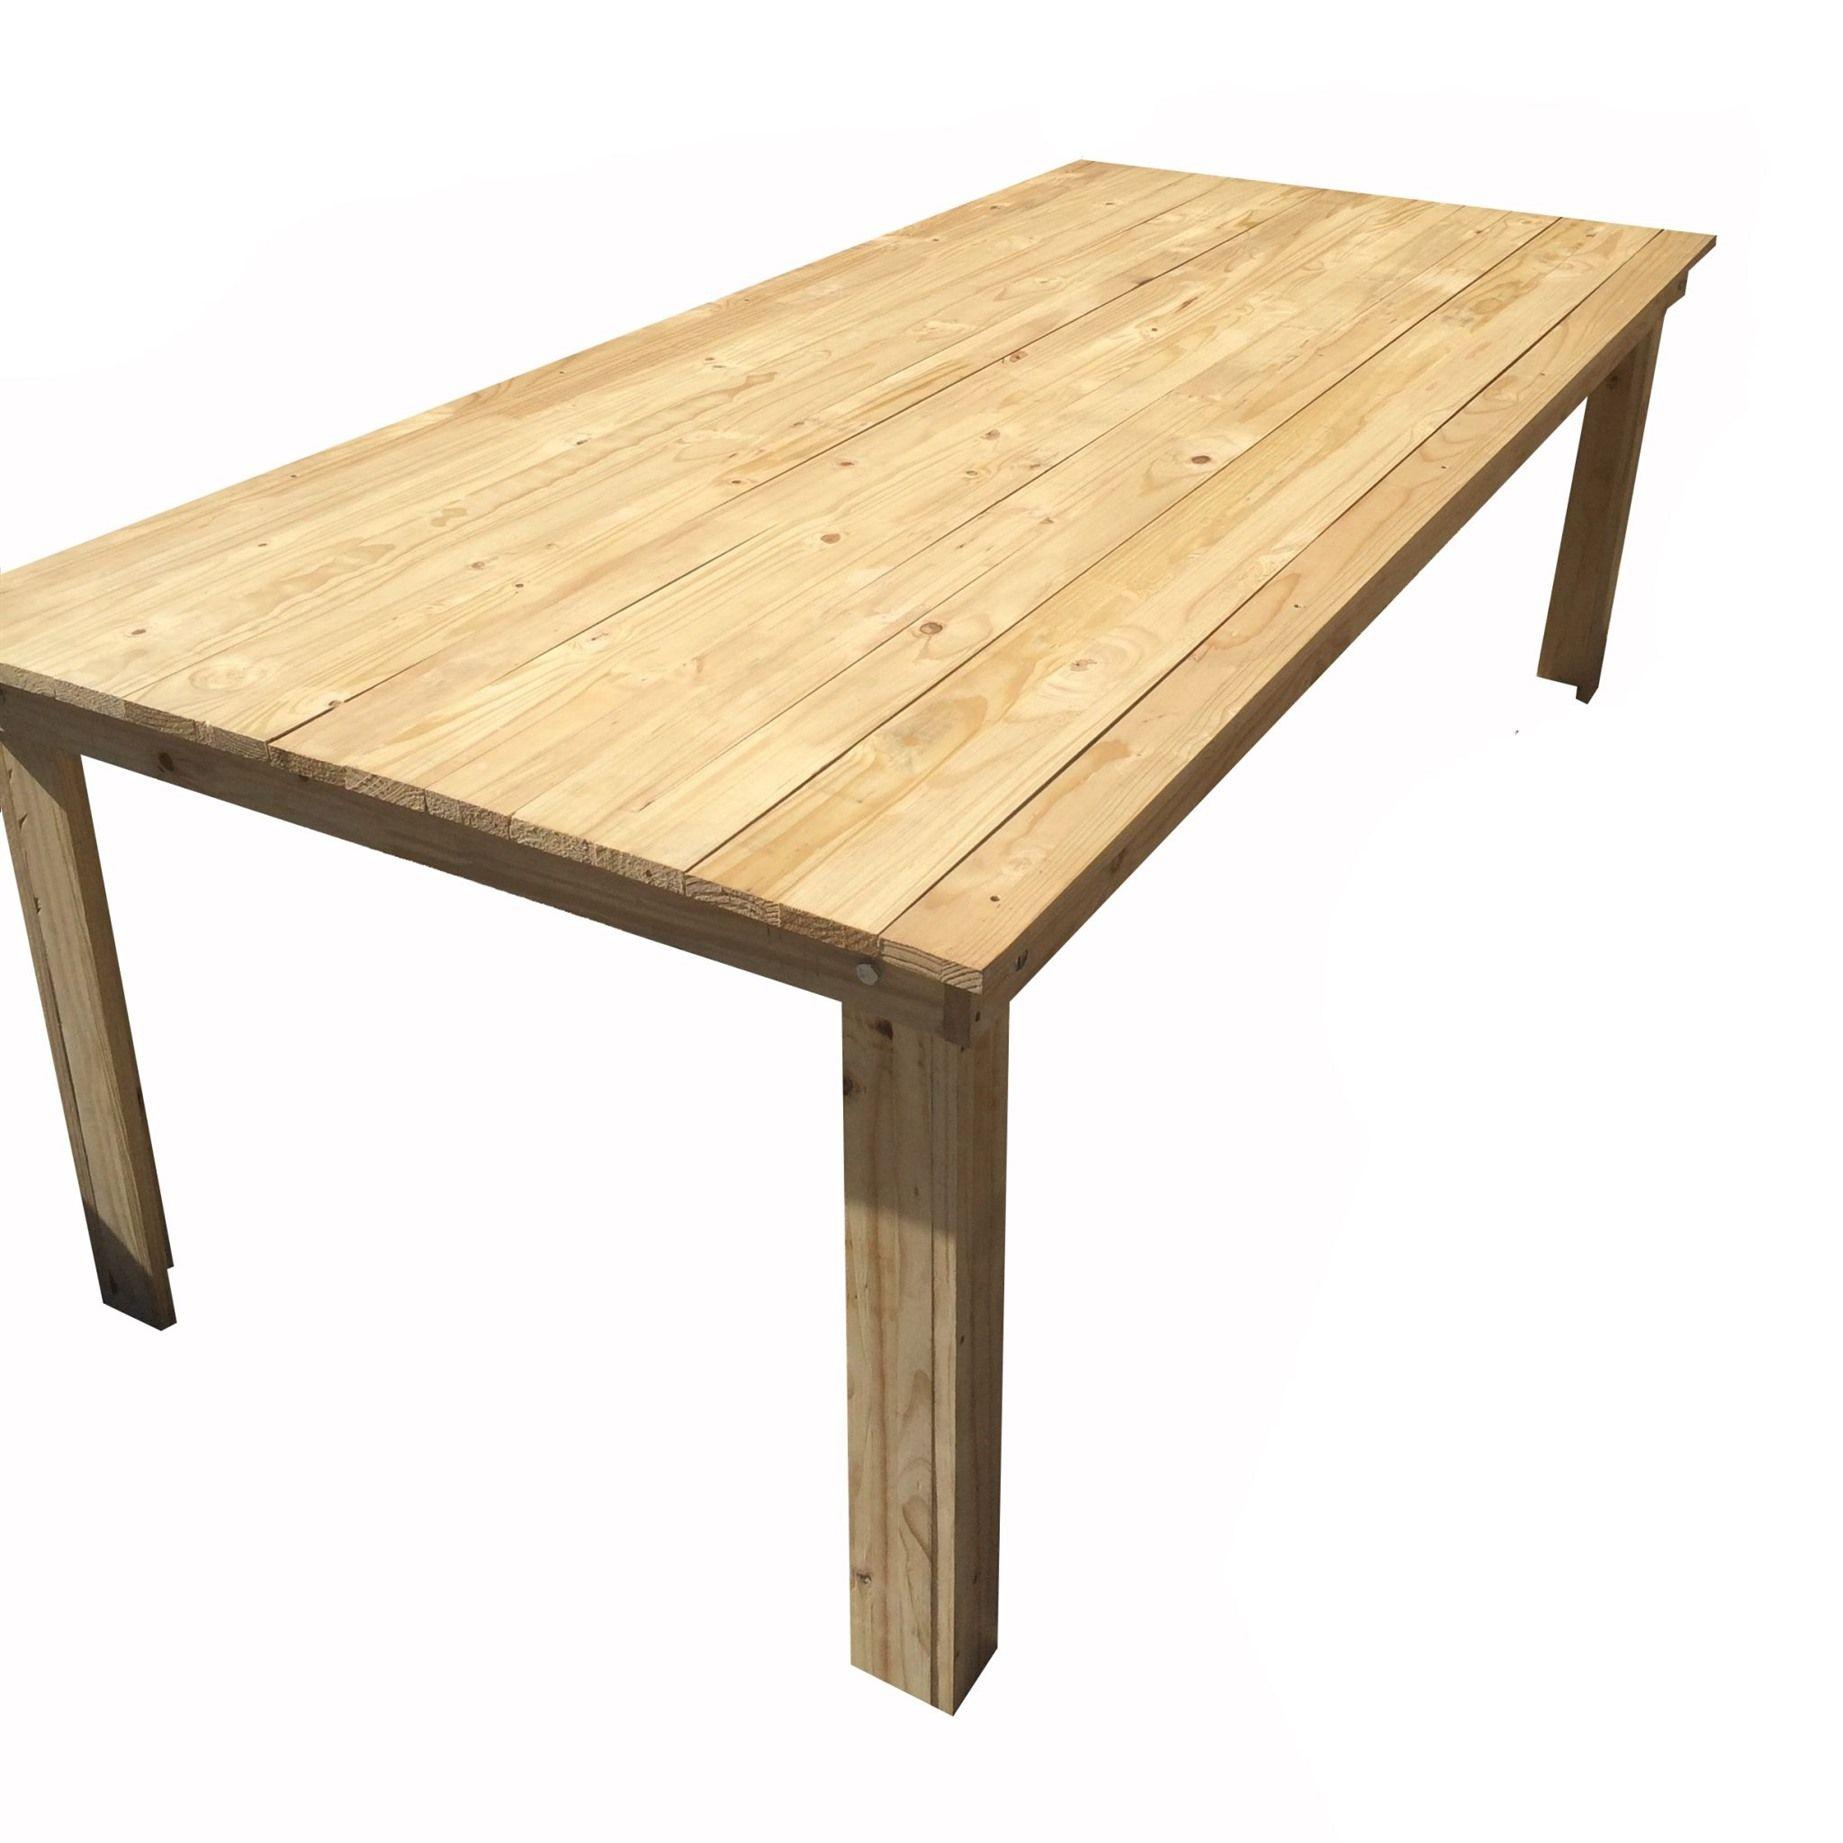 21 Creative Wooden Table Ideas Hair Raising Wooden Table Ideas